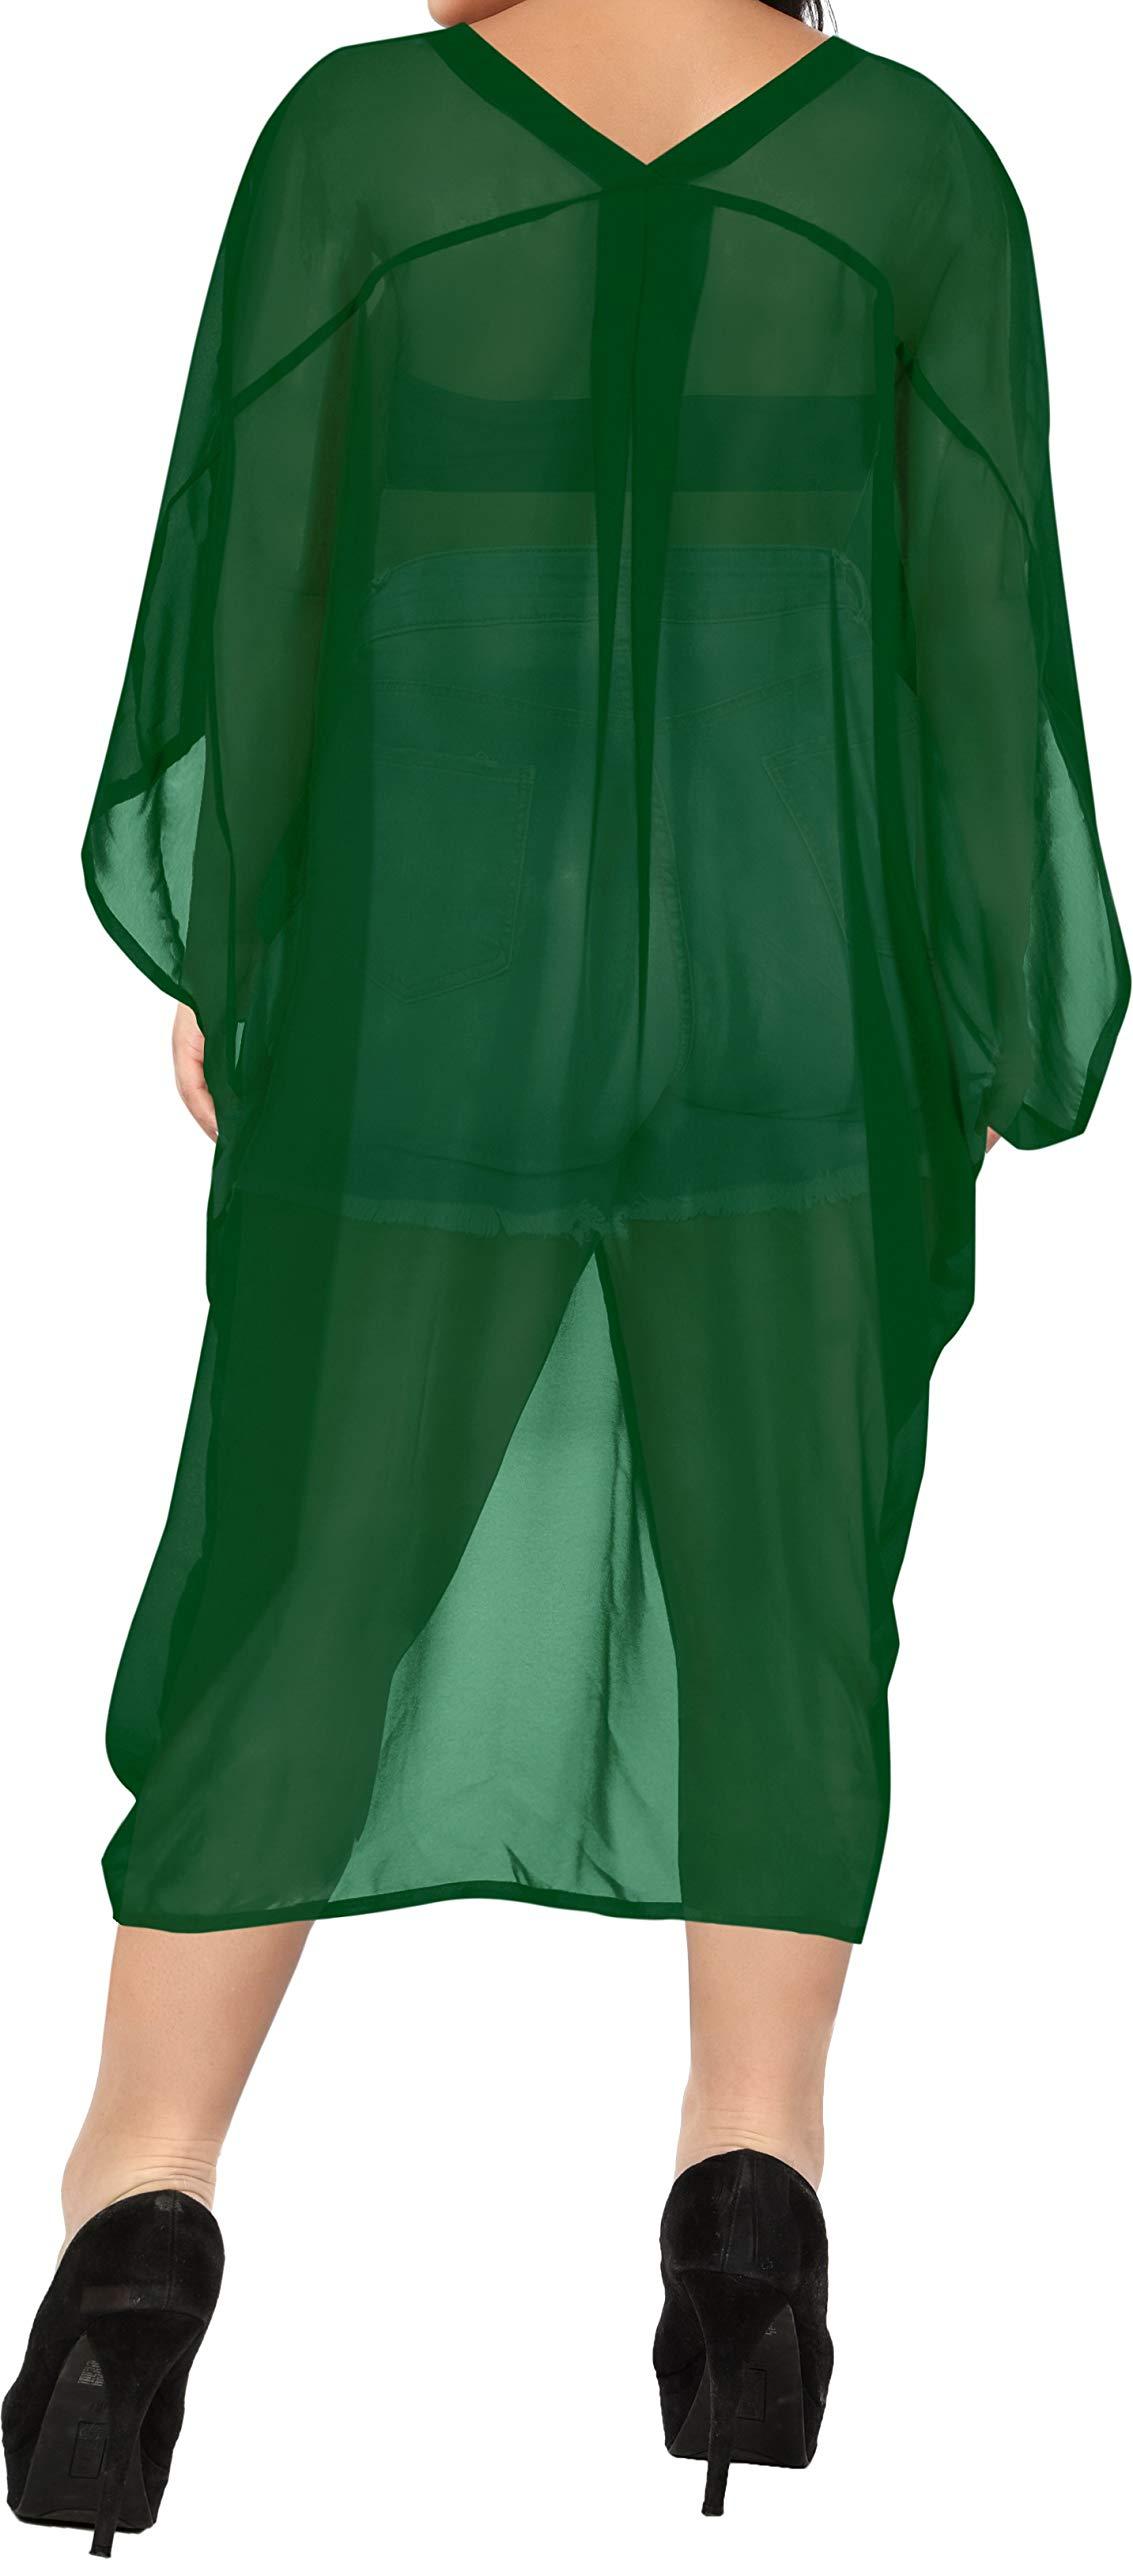 LA LEELA Copricostume Mare Cardigan Donna Taglie Forti Vintage Chiffon Estivo Scialle Elegante Solido Kimono Vestito Corto Estate Boho Tunica Etnica Abito da Spiaggia